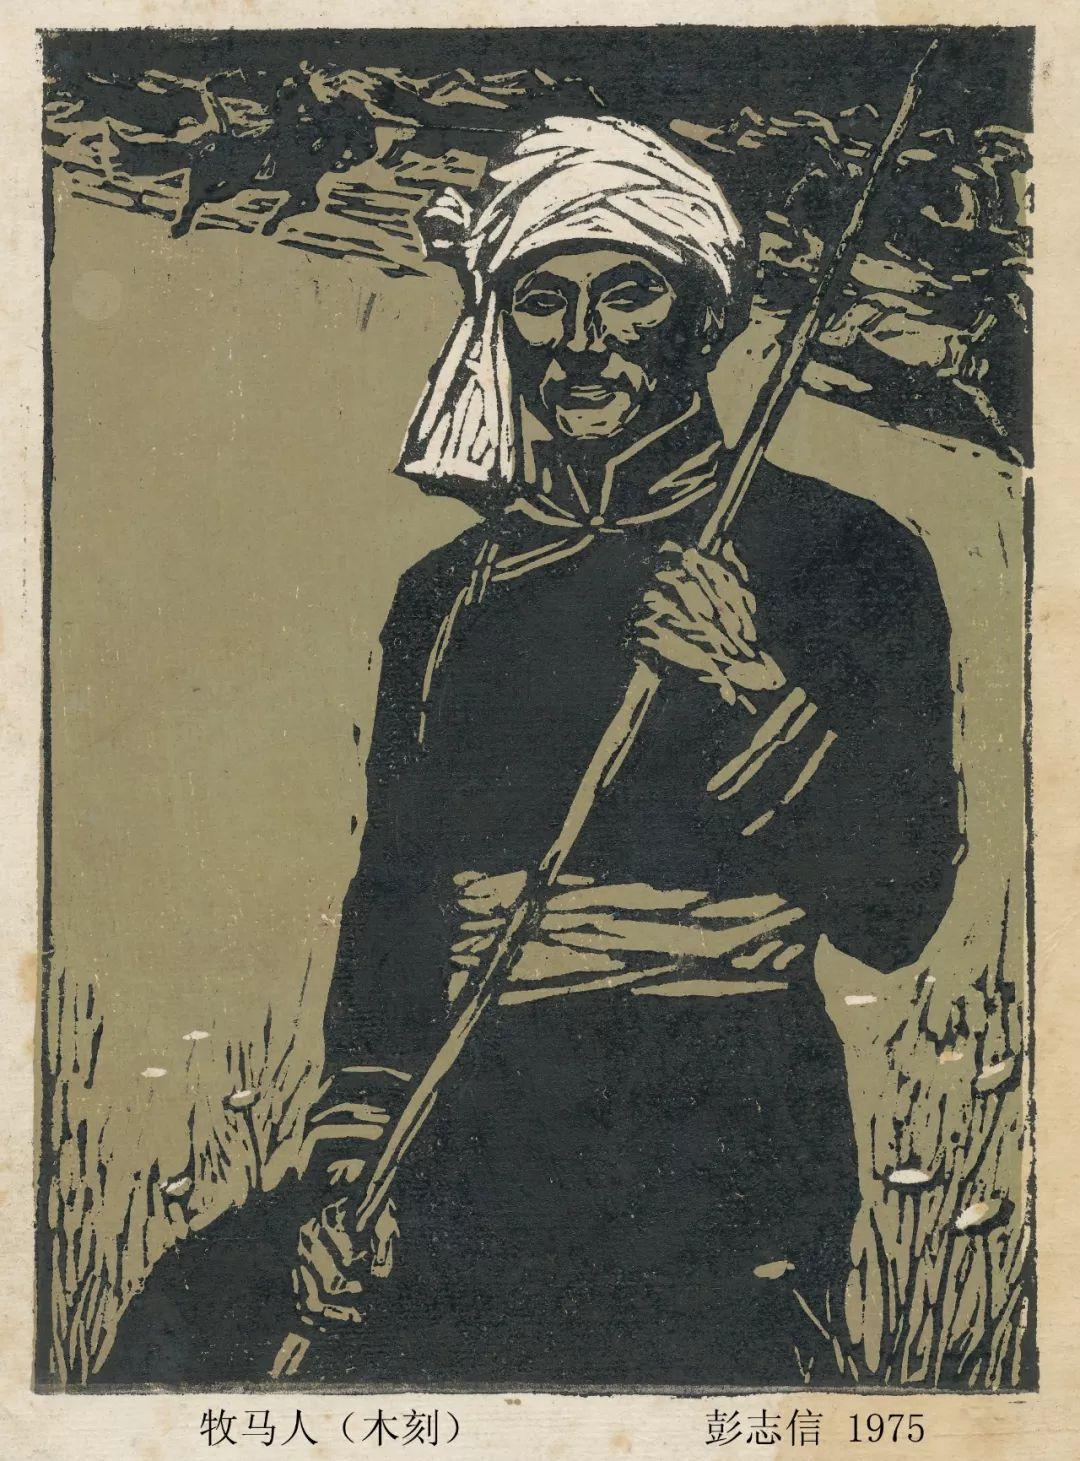 内蒙古画家--彭志信 第56张 内蒙古画家--彭志信 蒙古画廊